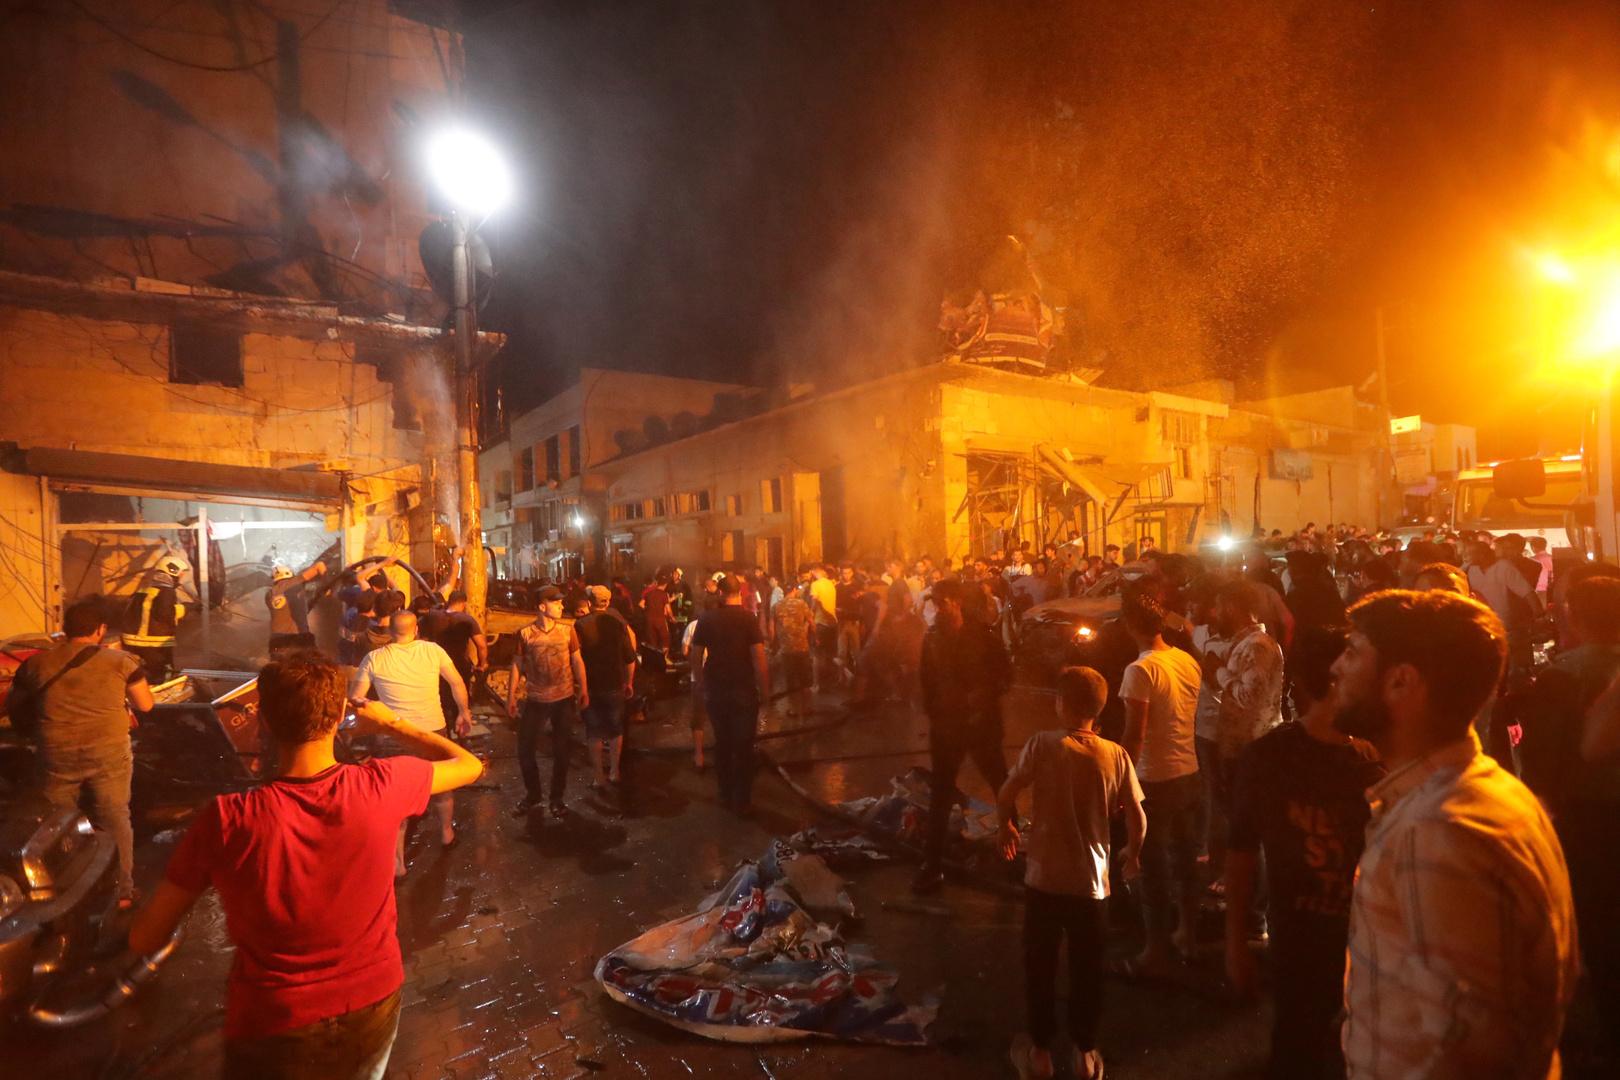 عشرات القتلى والجرحى بانفجار شمال سوريا وتركيا تتهم الوحدات الكردية